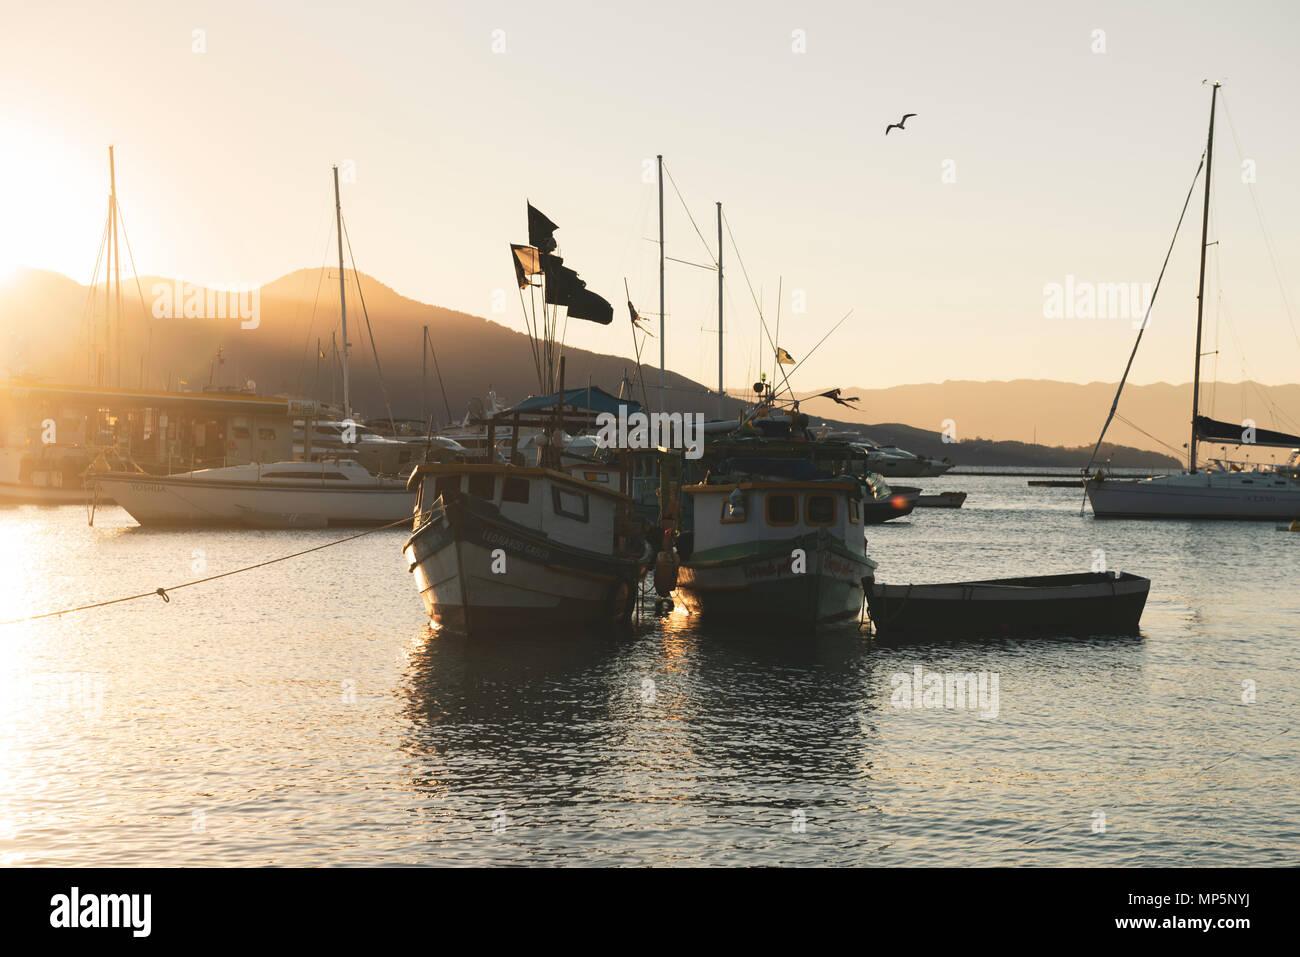 Fishing boats moored at Ilhabela, SE Brazil - Stock Image